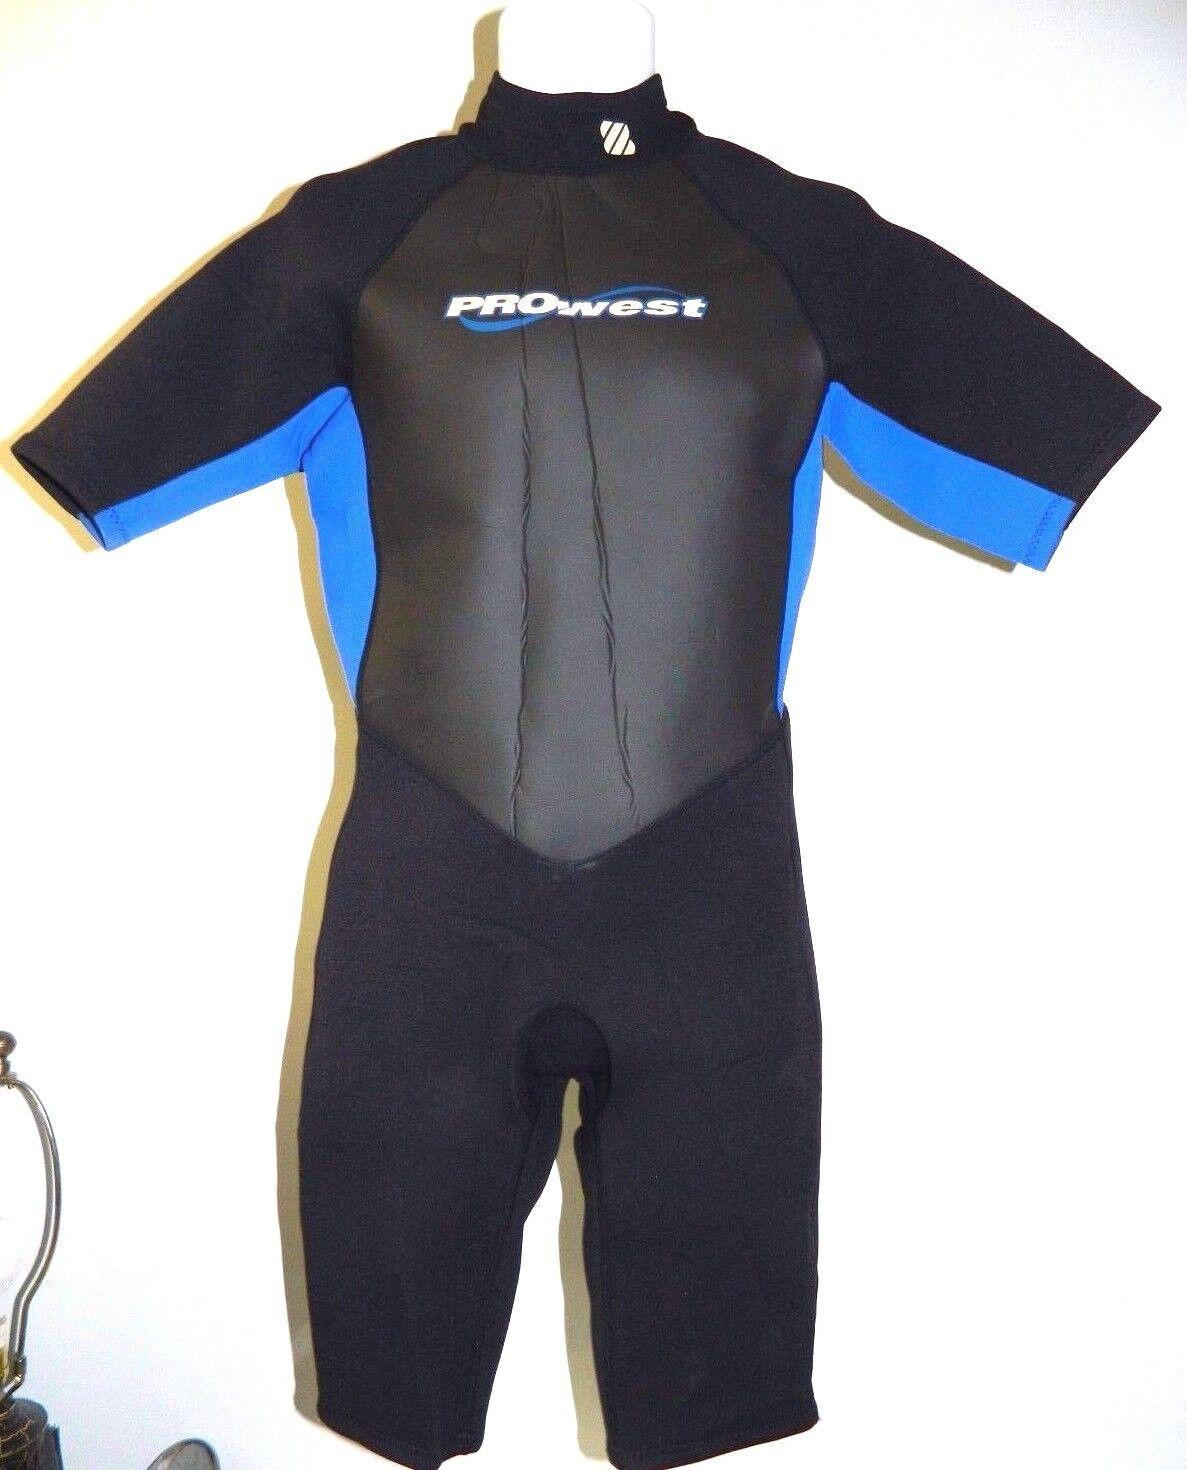 Prowest Wetsuit Men's Shorty Spring Suit Surf Scuba Dive Swim Size Large